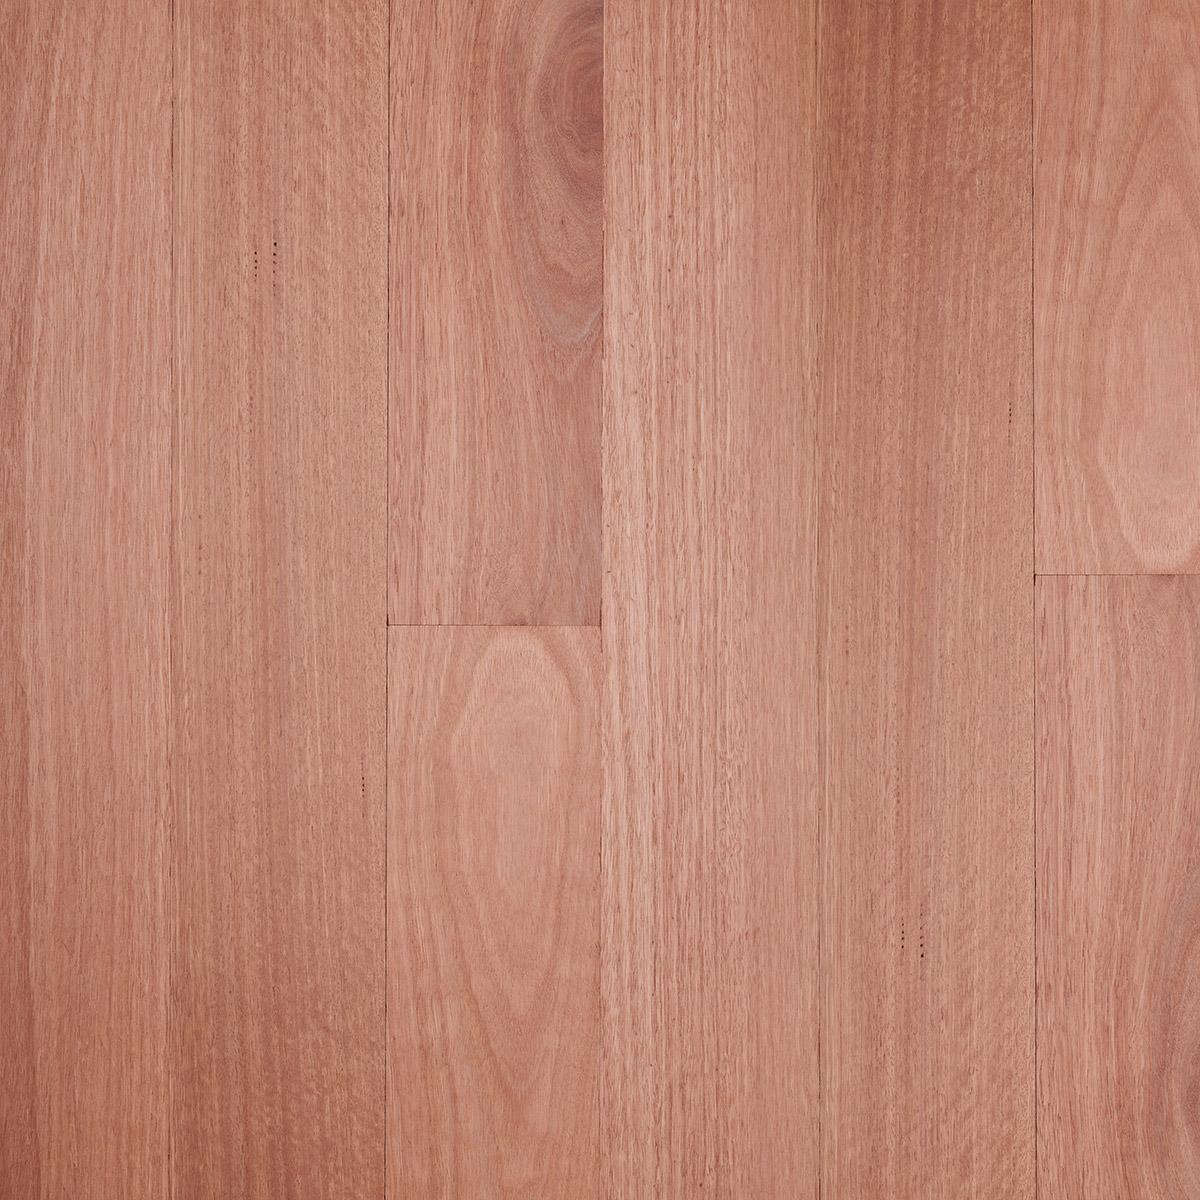 Bluegum flooring